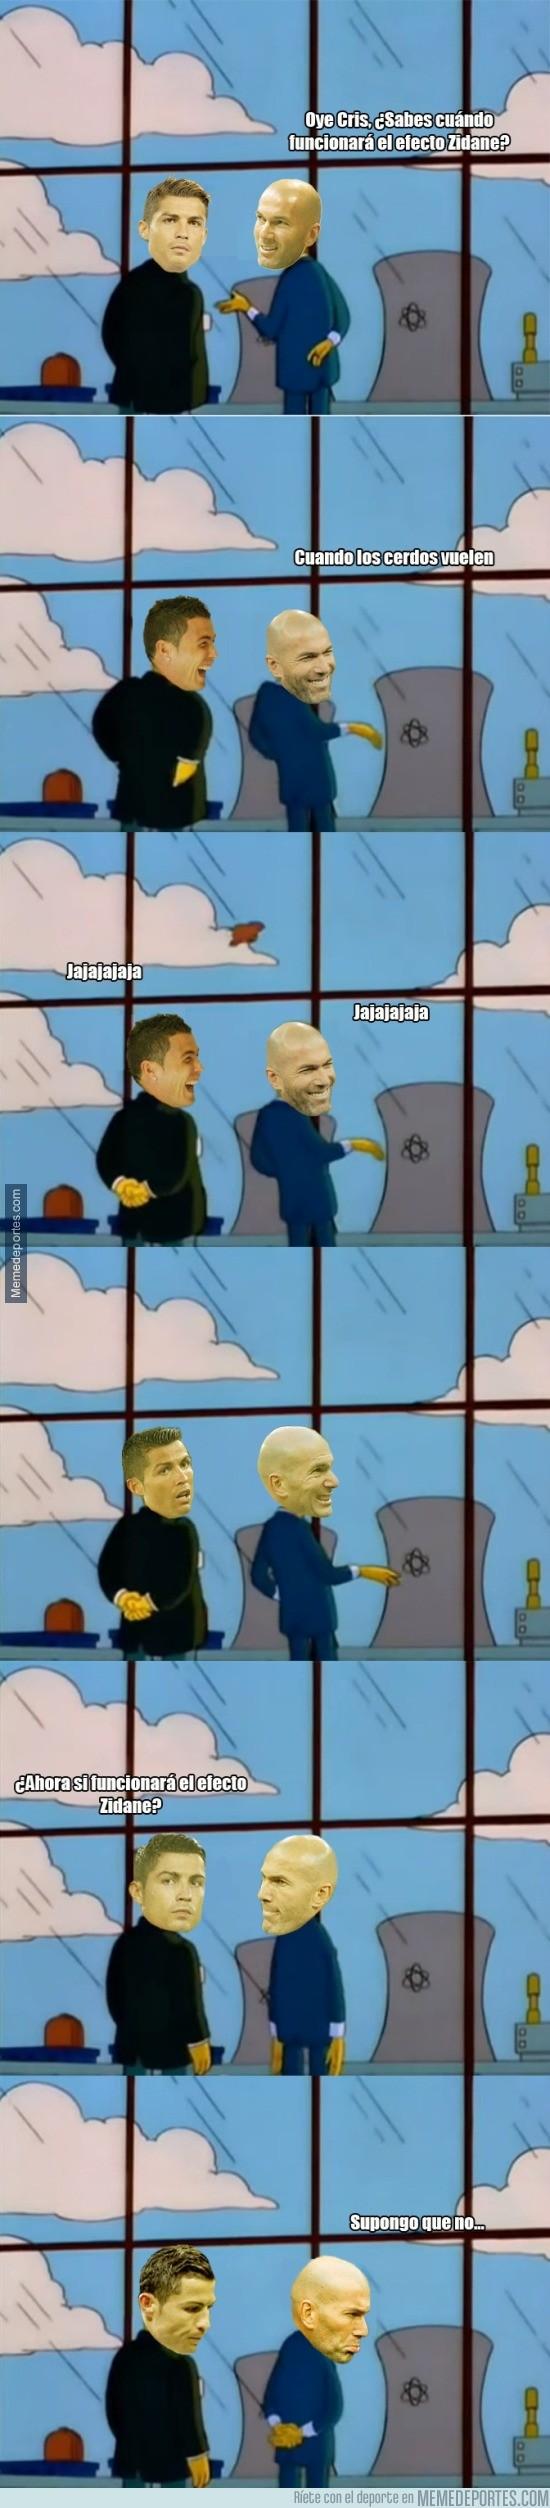 813253 - El efecto Zidane